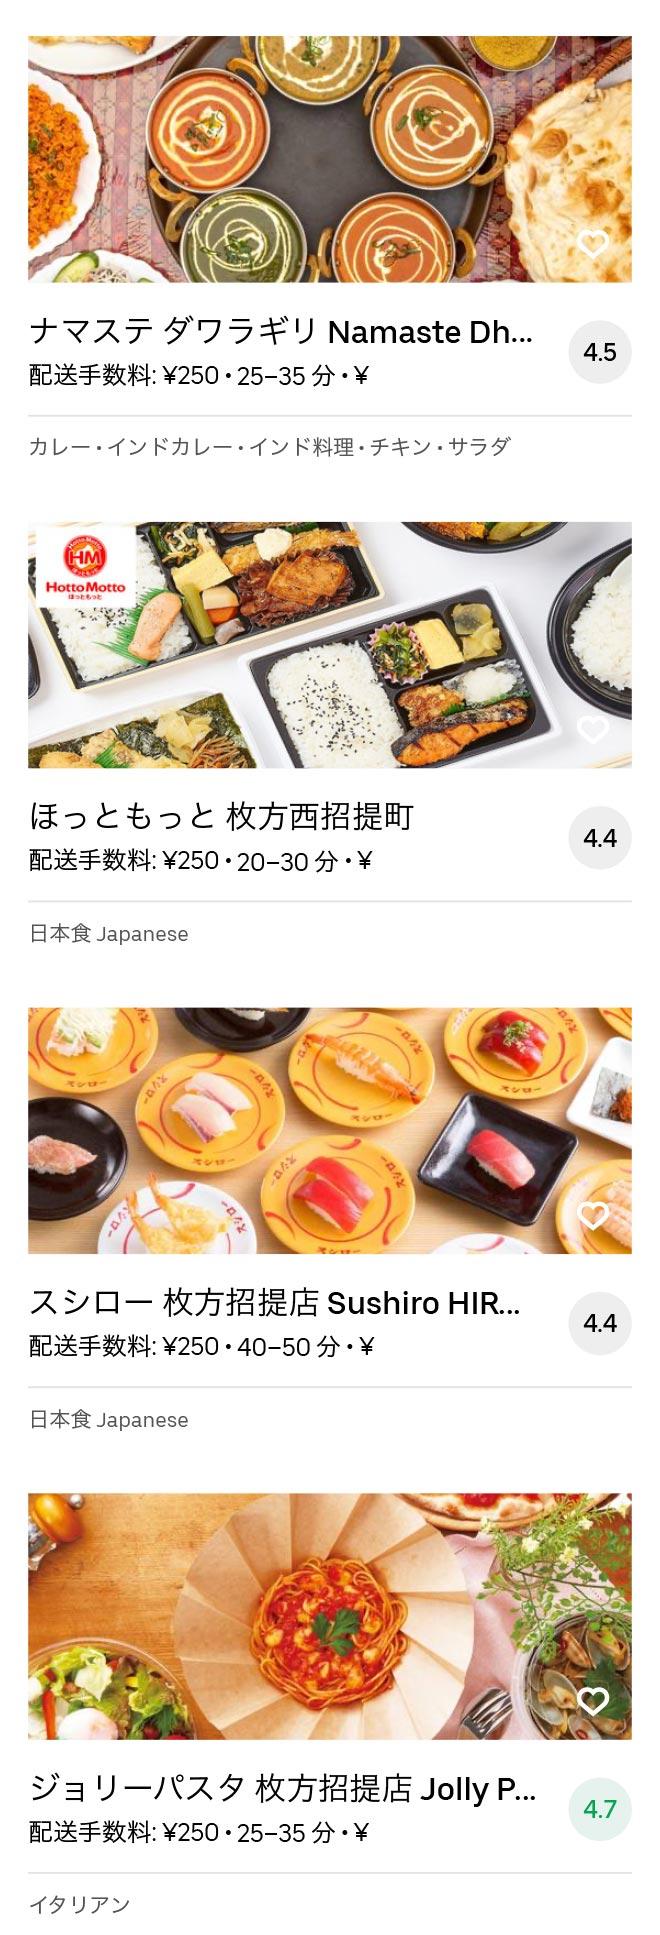 Kuzuha menu 2010 04